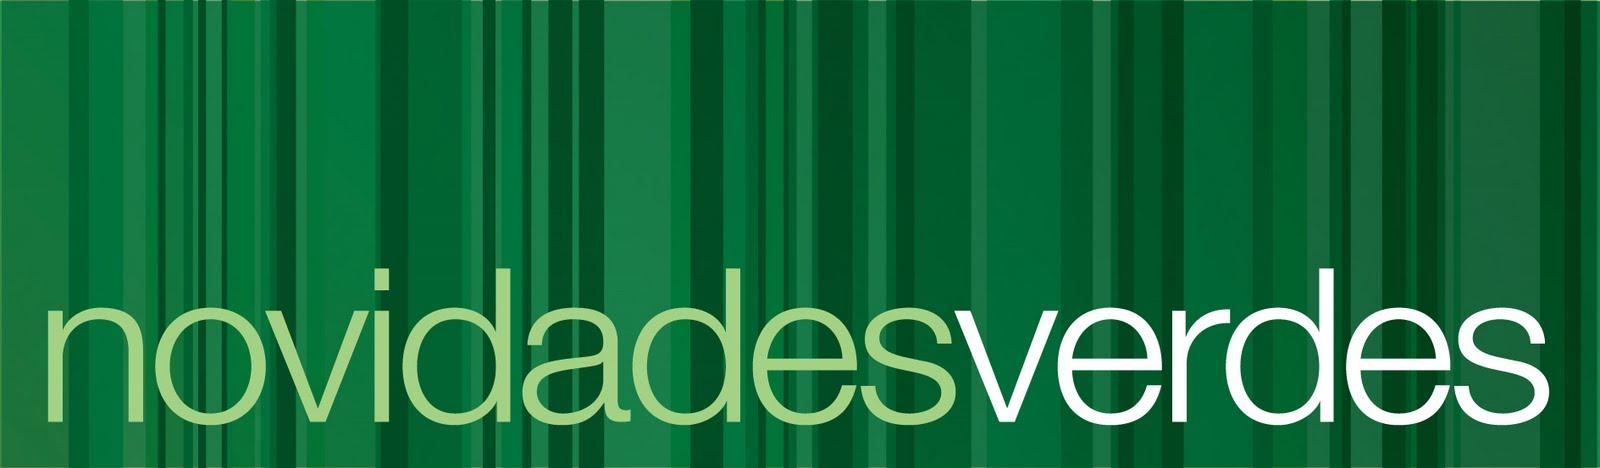 Novidades verdes